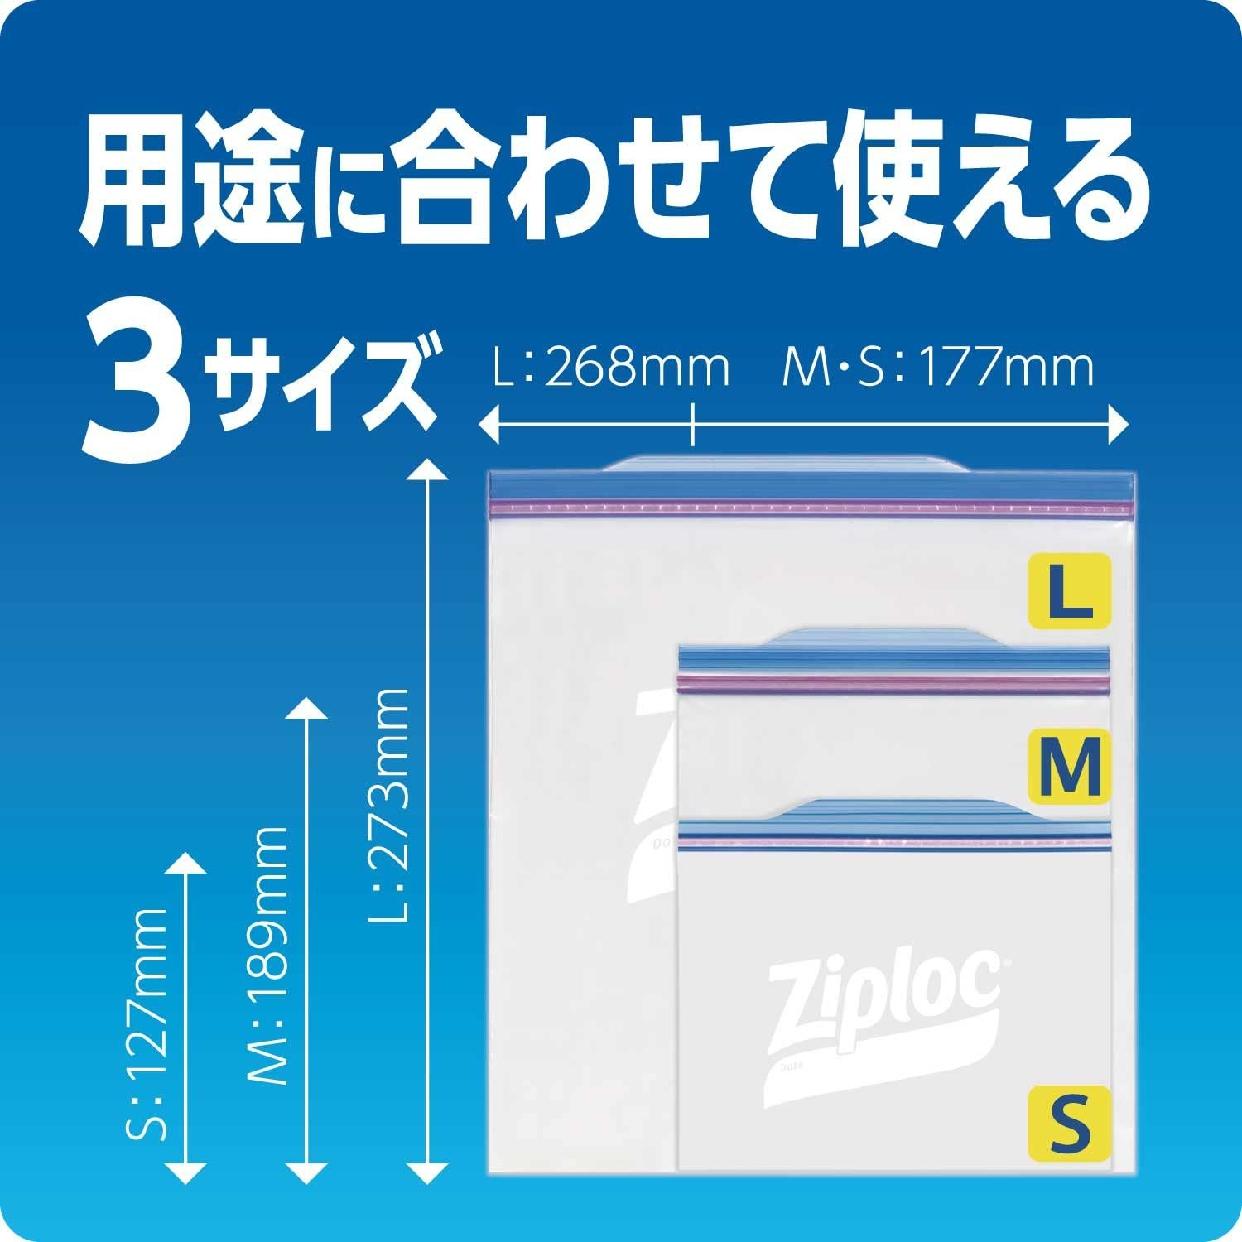 Ziploc(ジップロック) フリーザーバッグの商品画像3